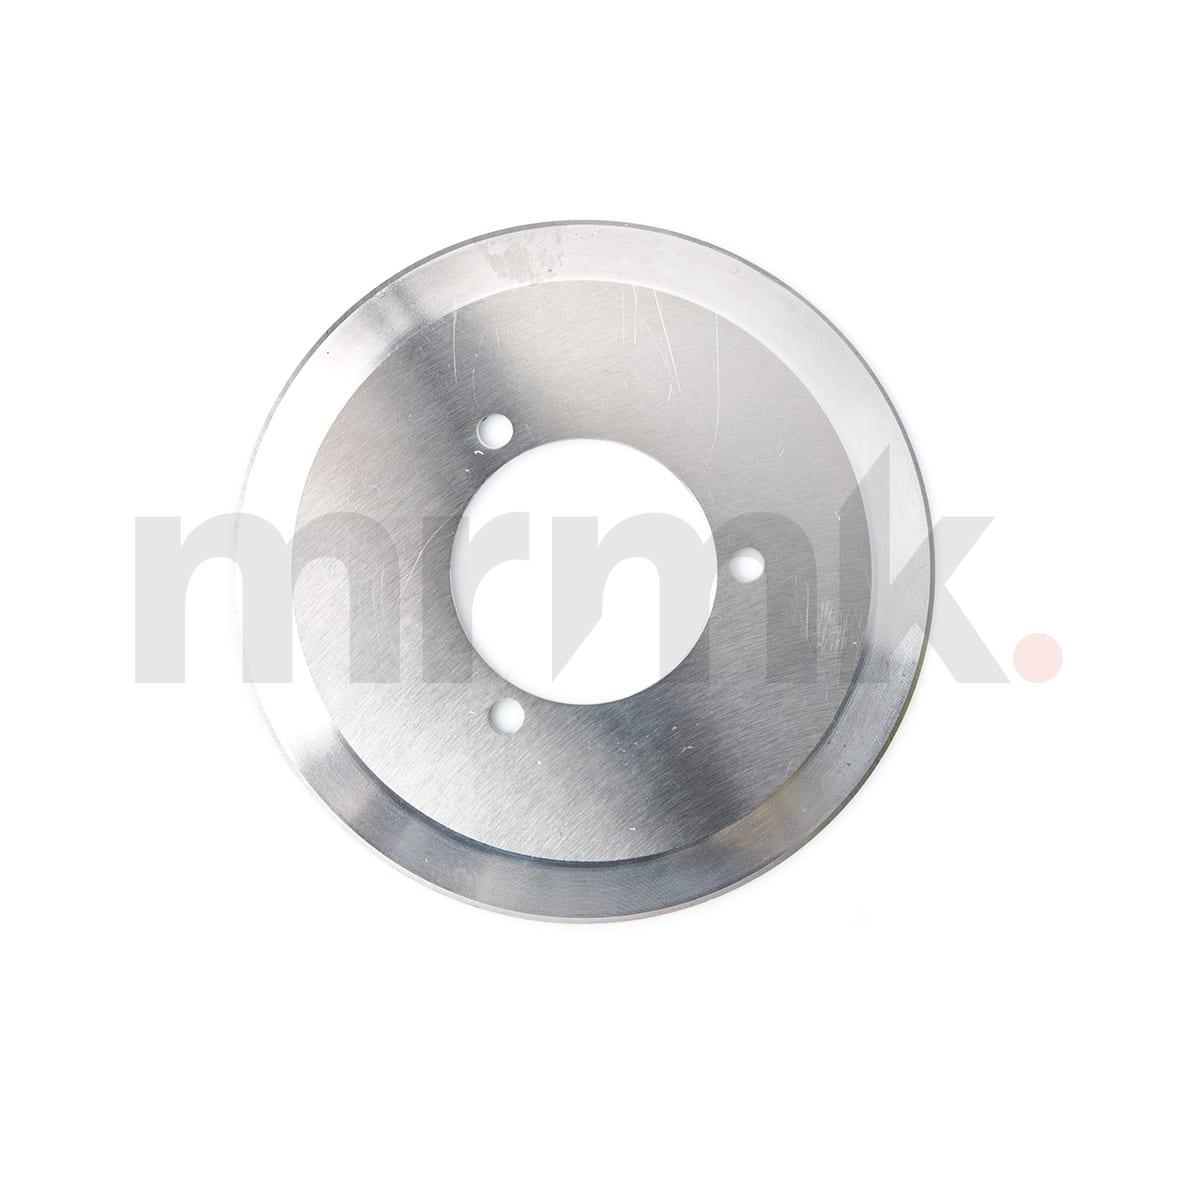 ULMA Compatible Circular Knives 2